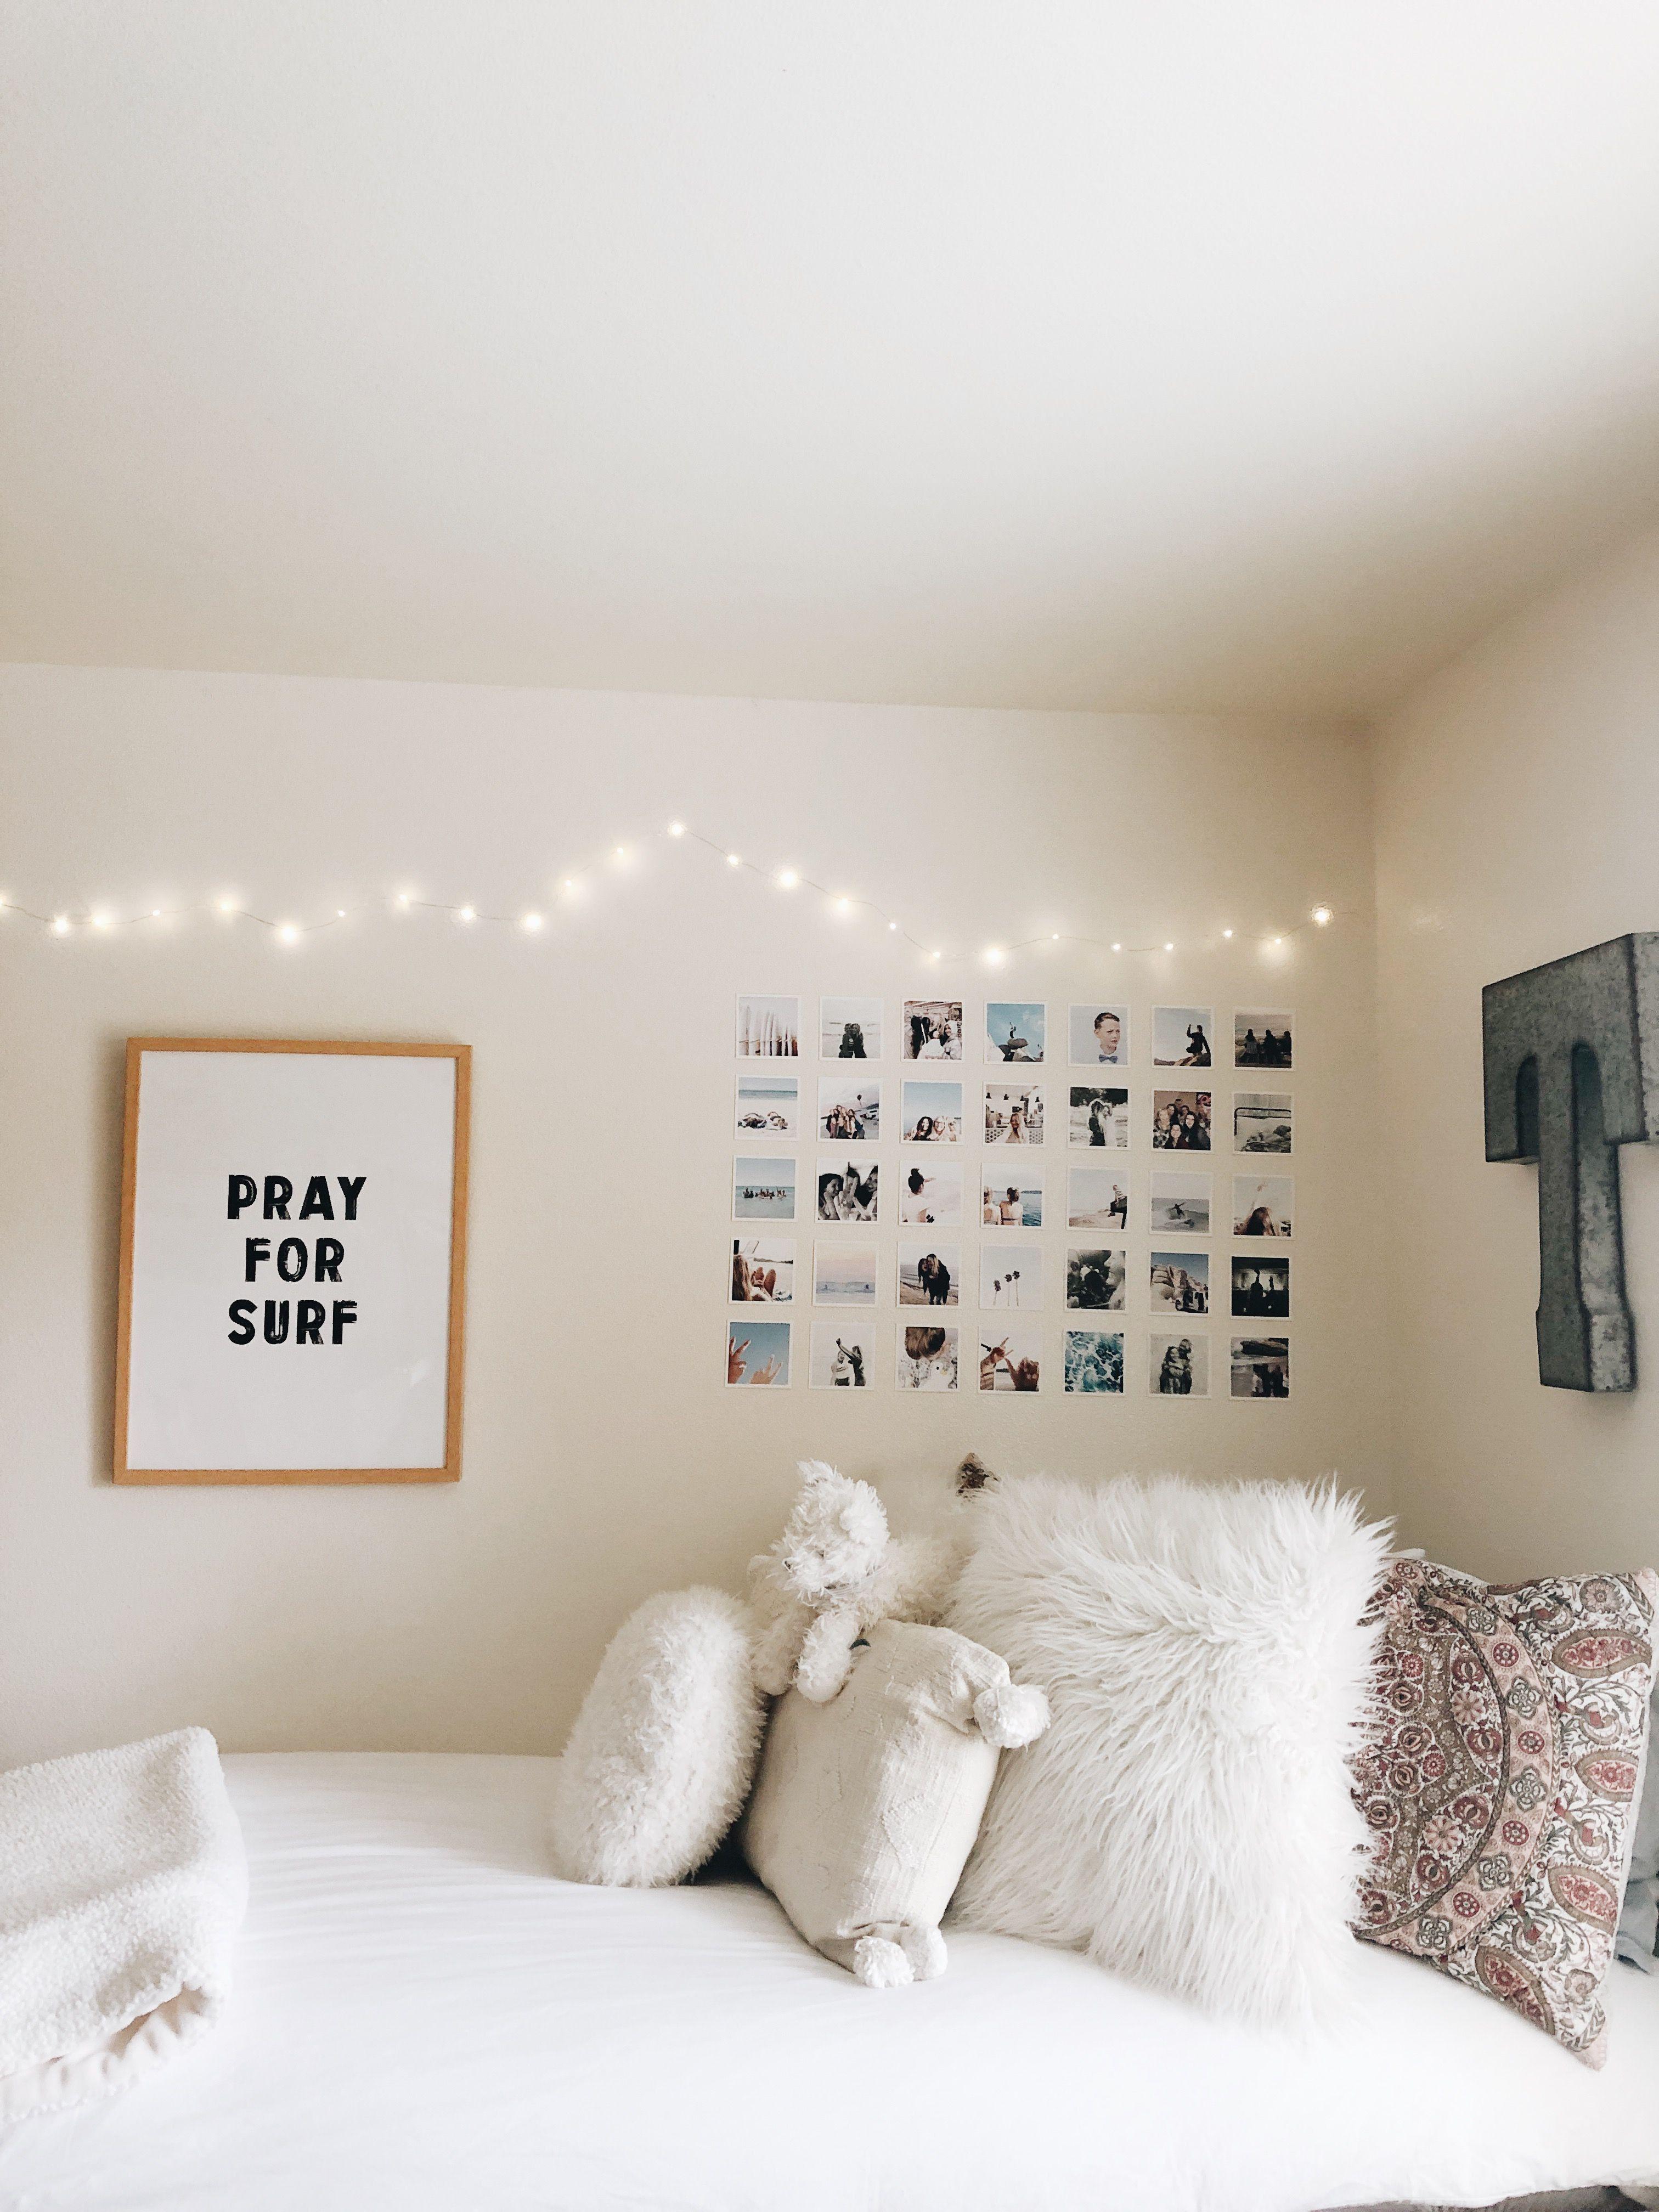 50 Vsco Bedroom Ideas For The 2020 Room Inspiration Bedroom Dorm Room Inspiration Dorm Room Decor